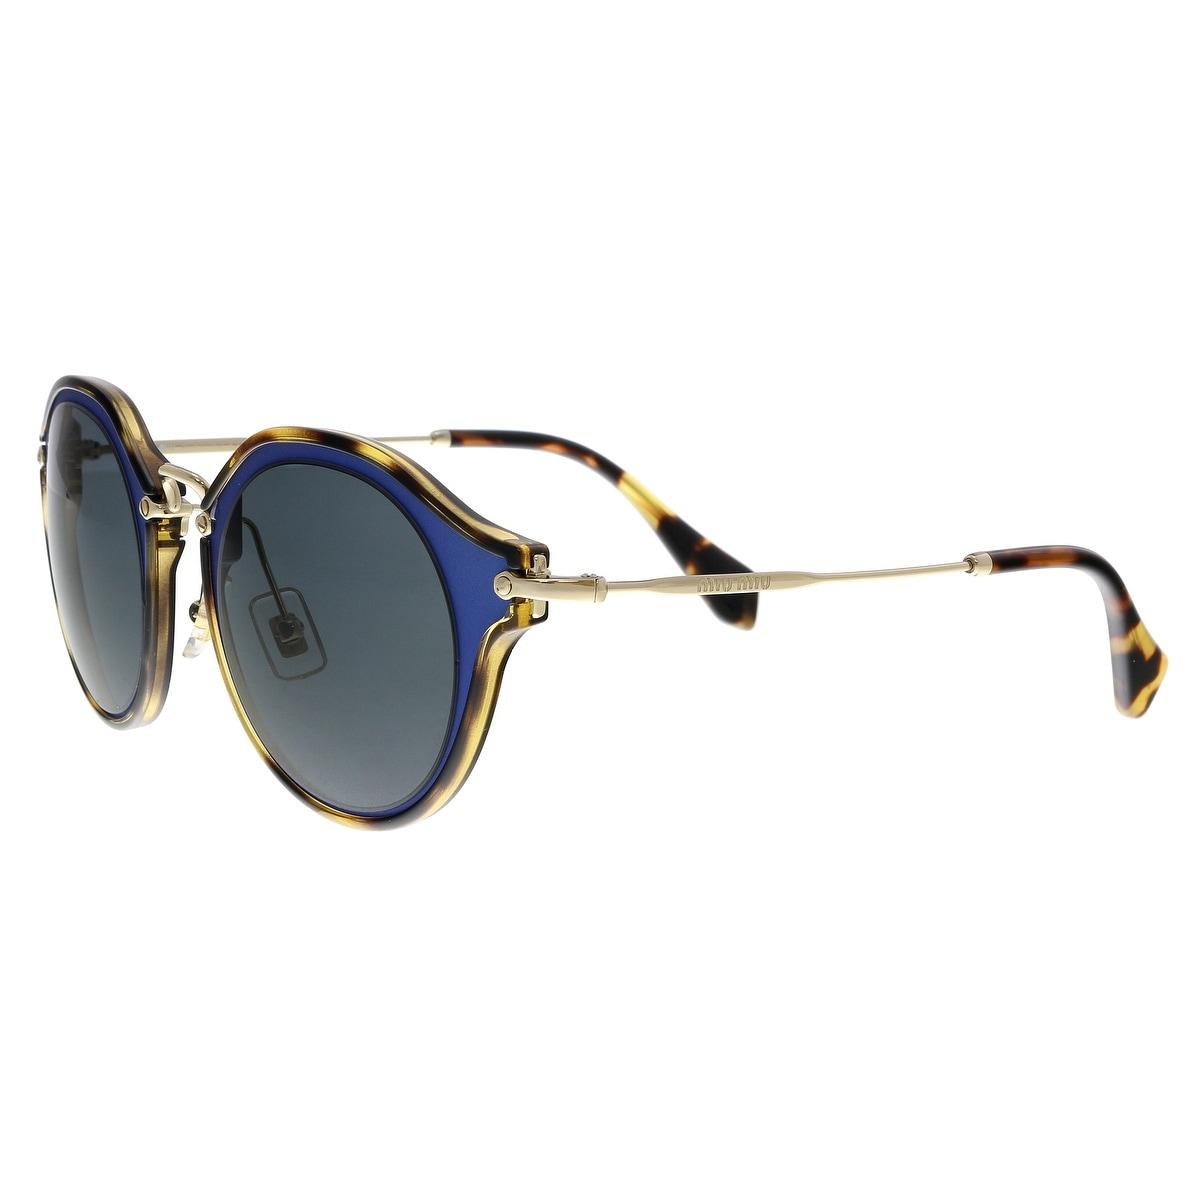 3024378f7a3a Shop MIU MIU MU51SS VA71A1 Matte Blue/Havana Round Sunglasses - No ...